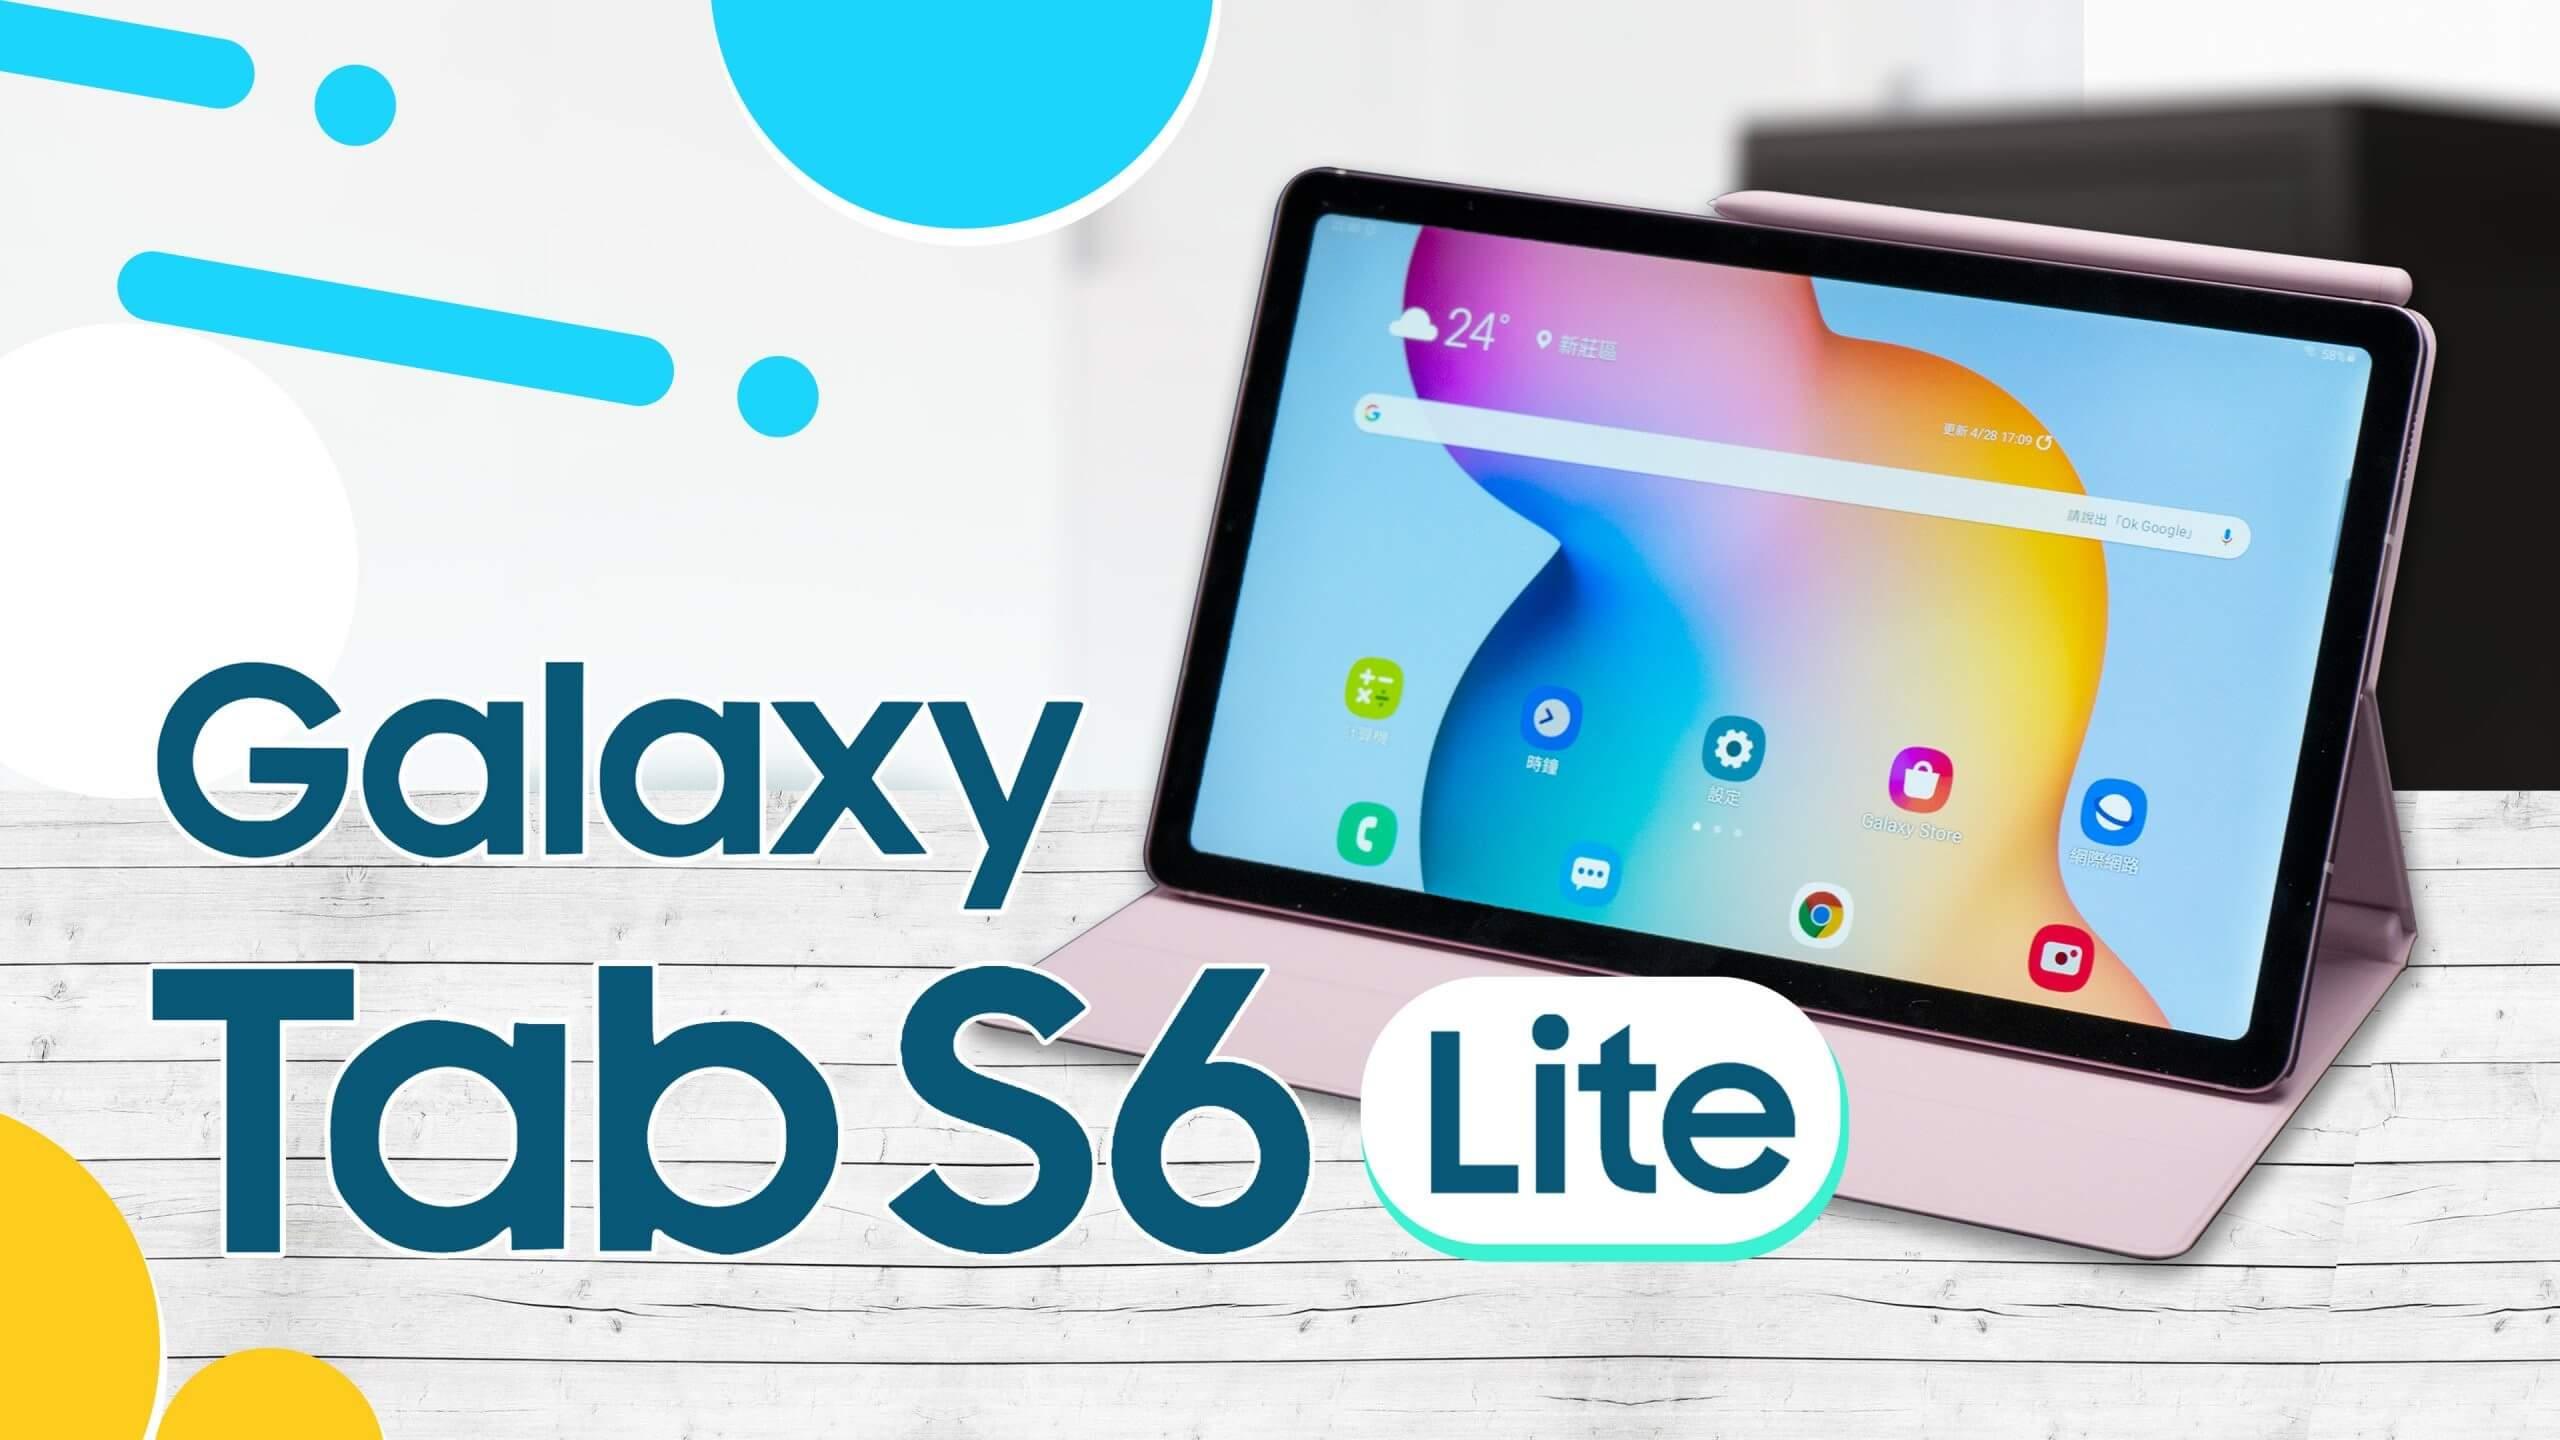 【開箱】筆記娛樂平板!Galaxy Tab S6 Lite開箱評測(Samsung Notes使用教學XTab S6 vs Tab S6 Lite怎麼選)